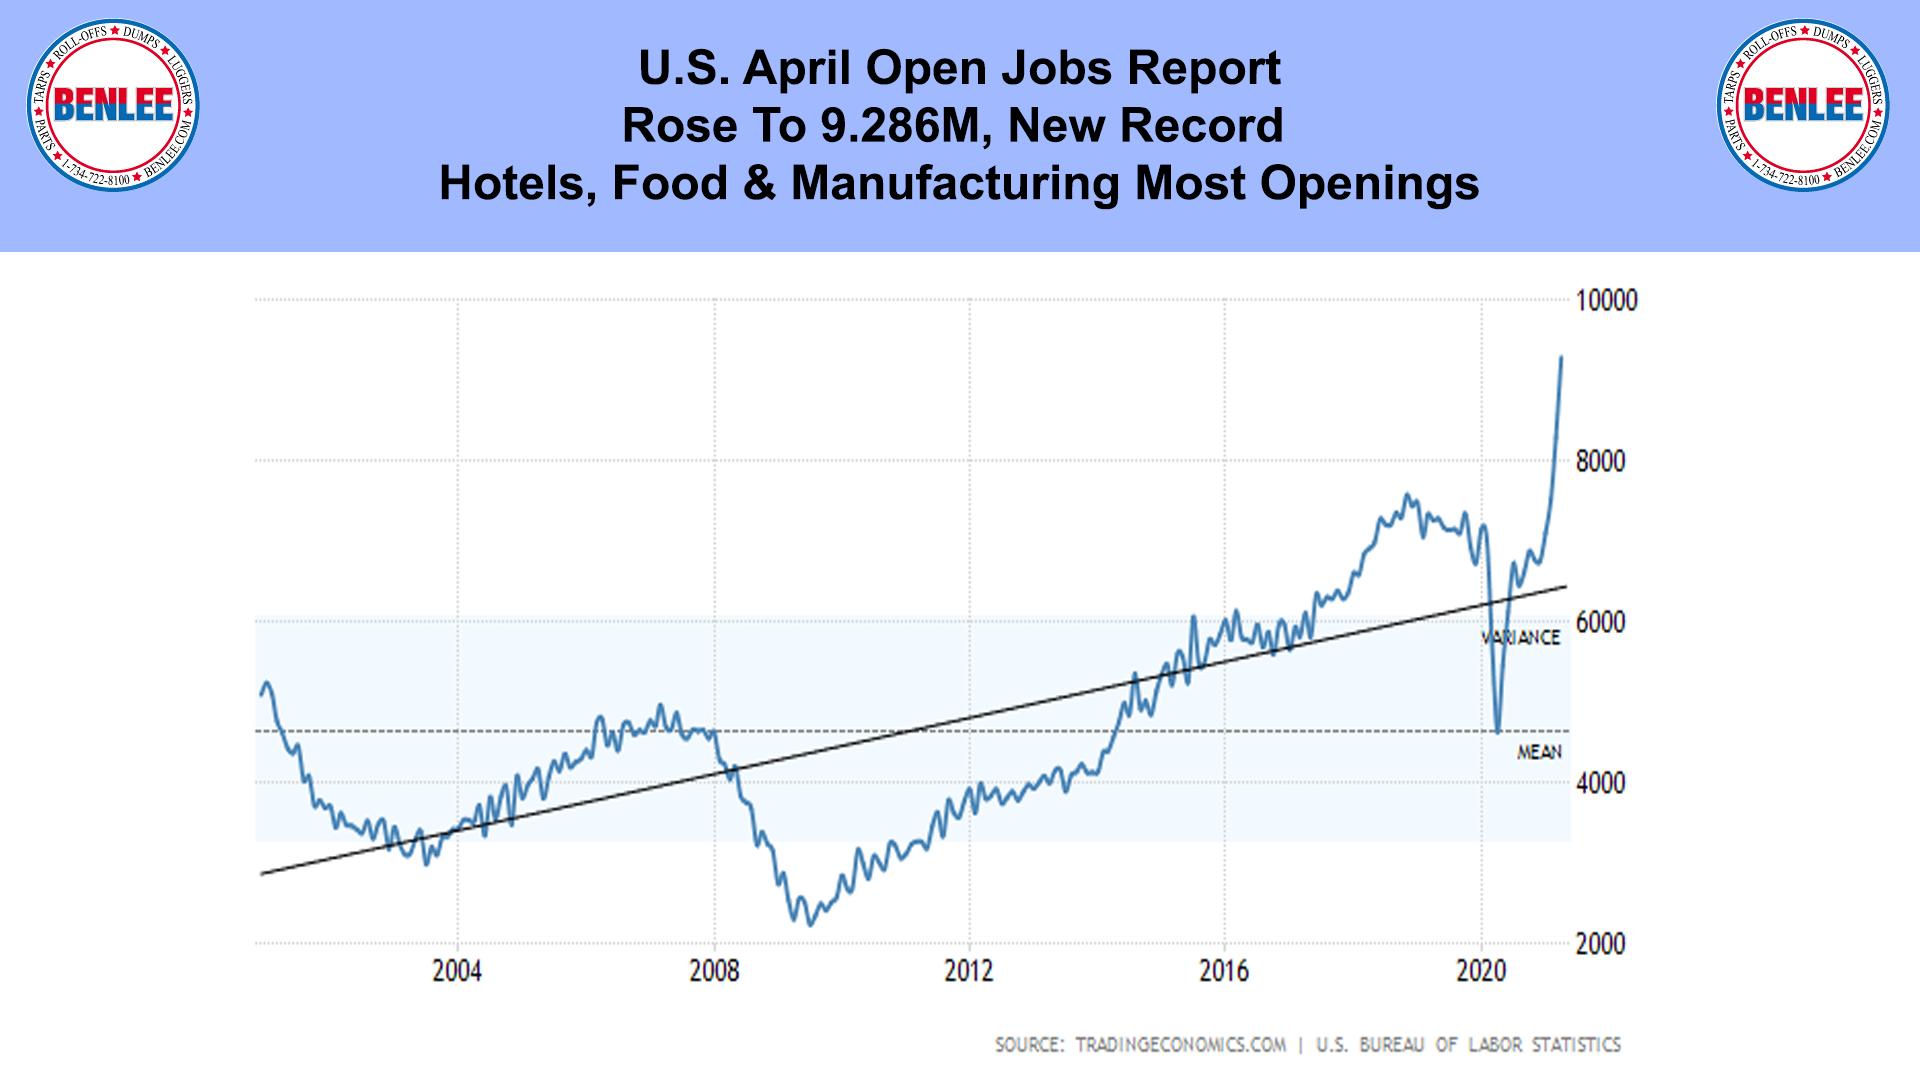 U.S. April Open Jobs Report